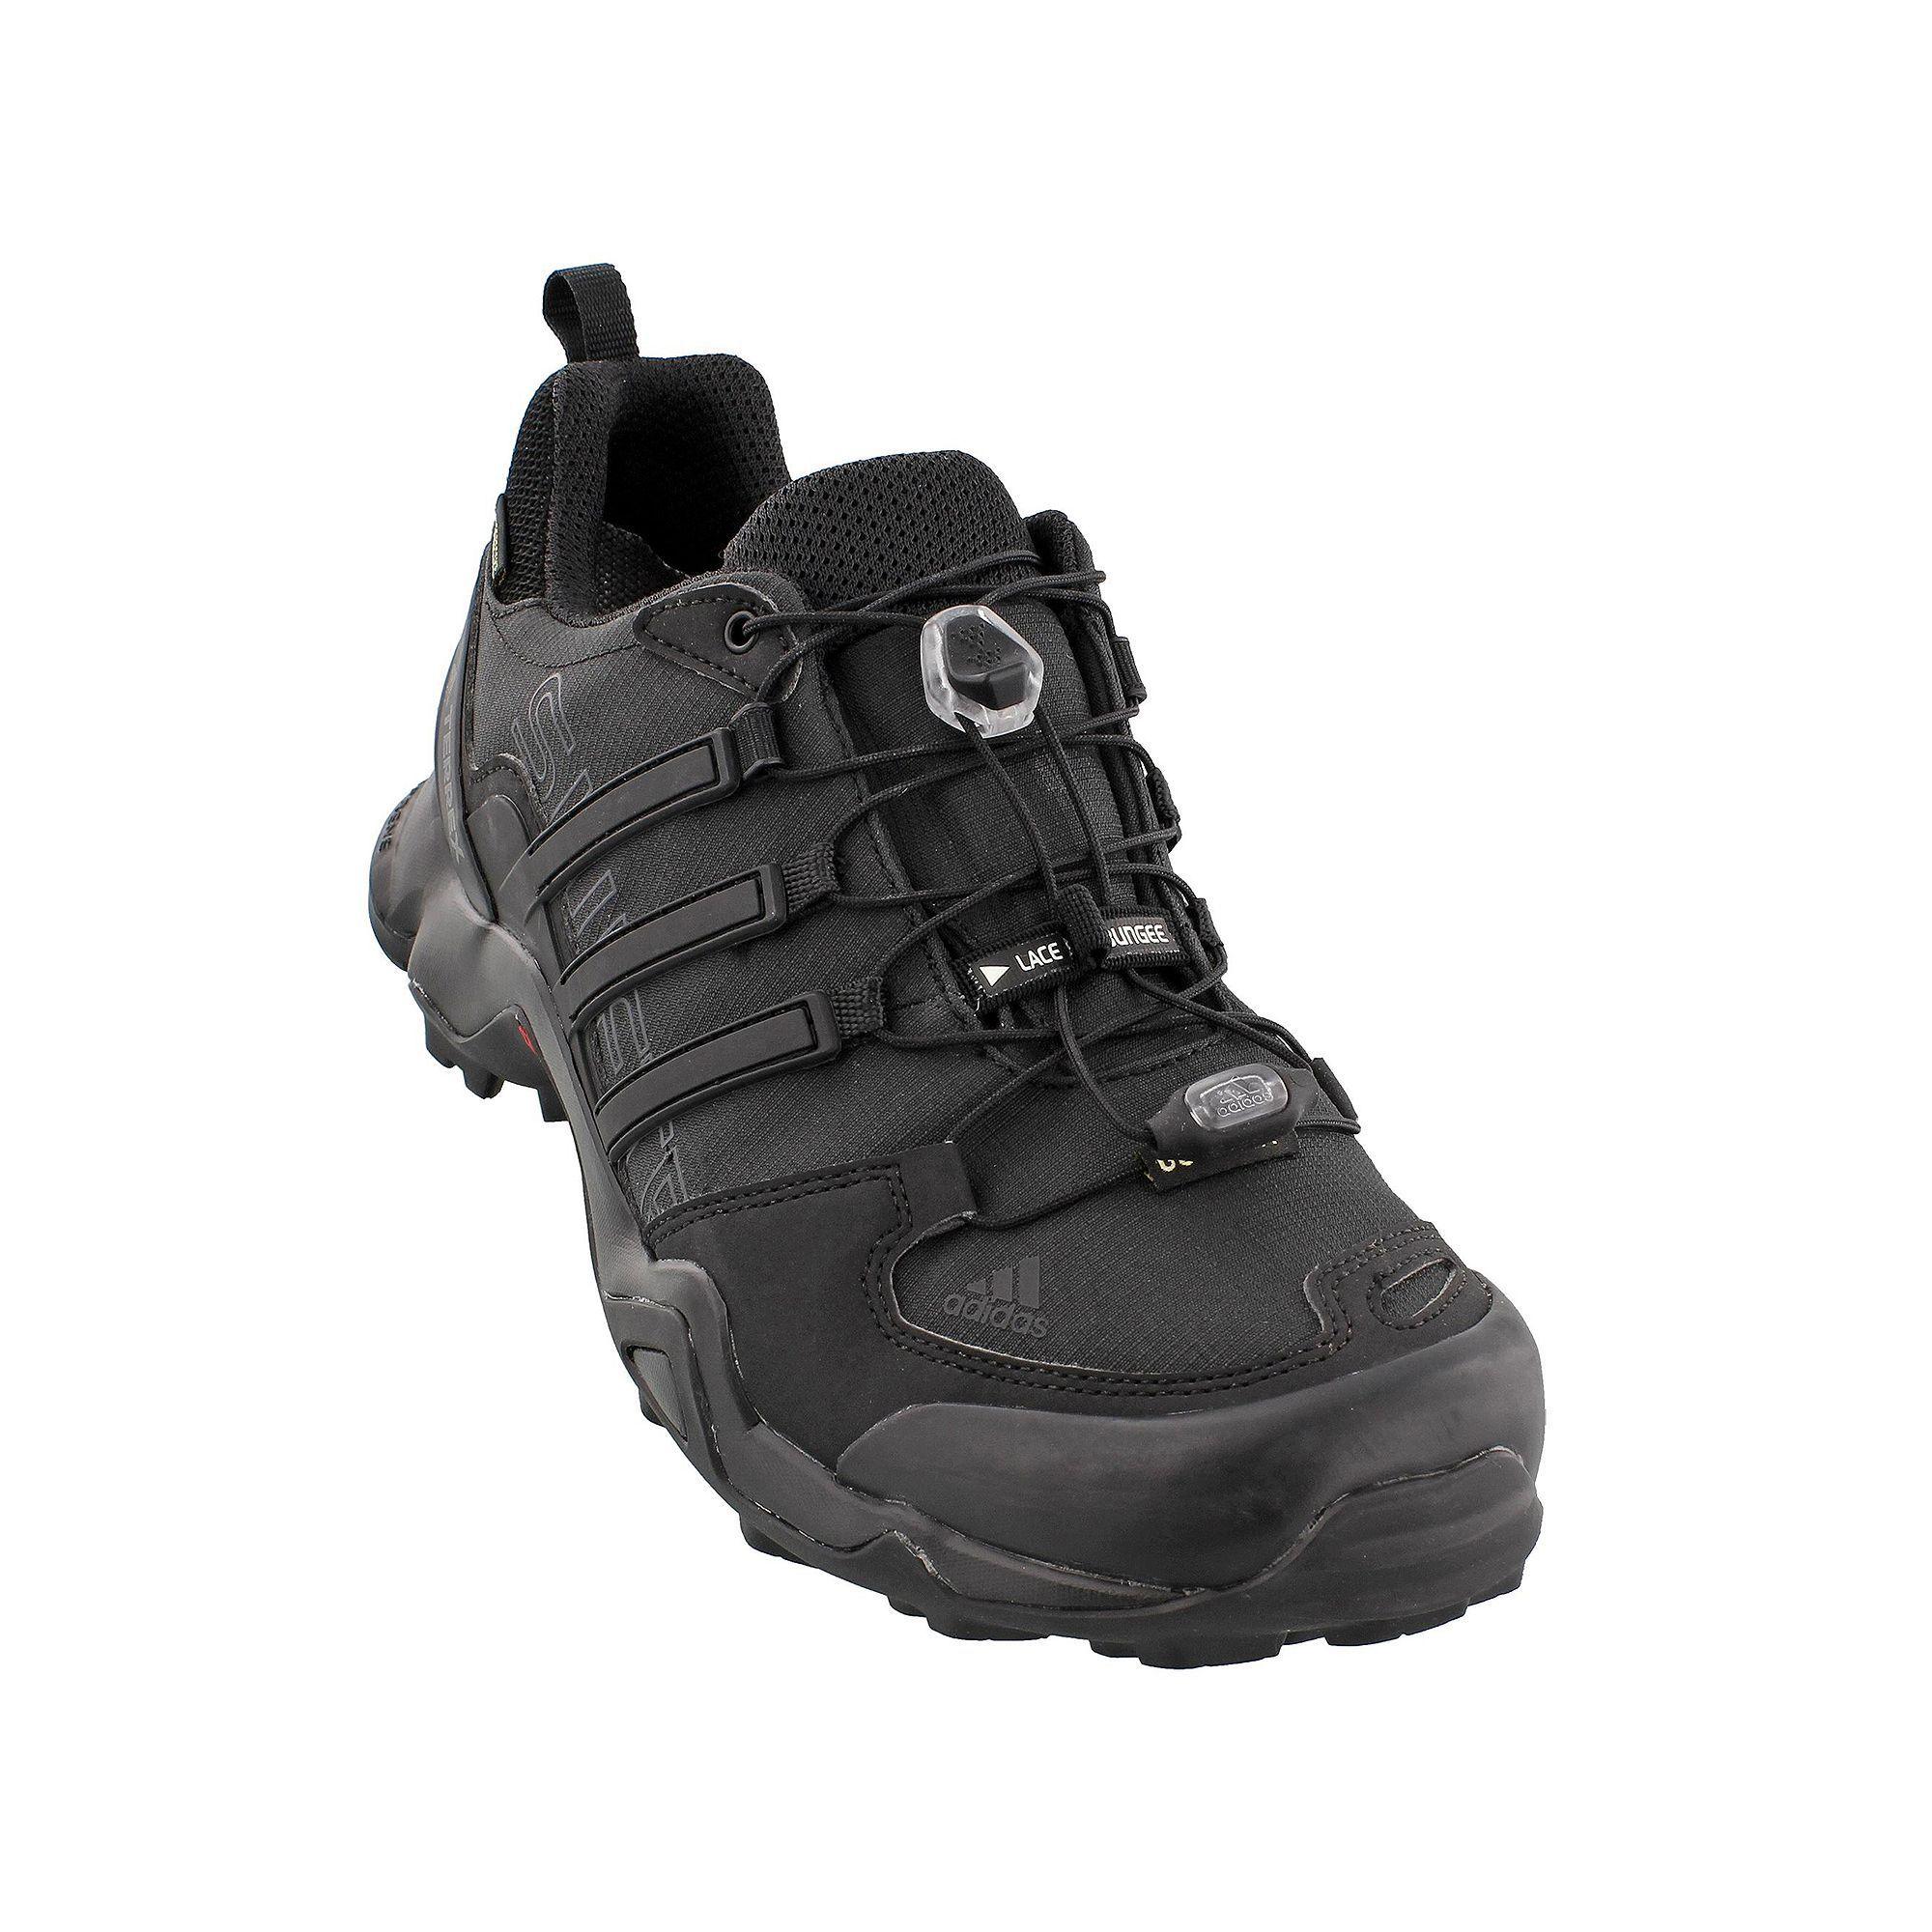 3511b18c6ad adidas Outdoor Terrex Swift R GTX Men's Waterproof Hiking Shoes ...